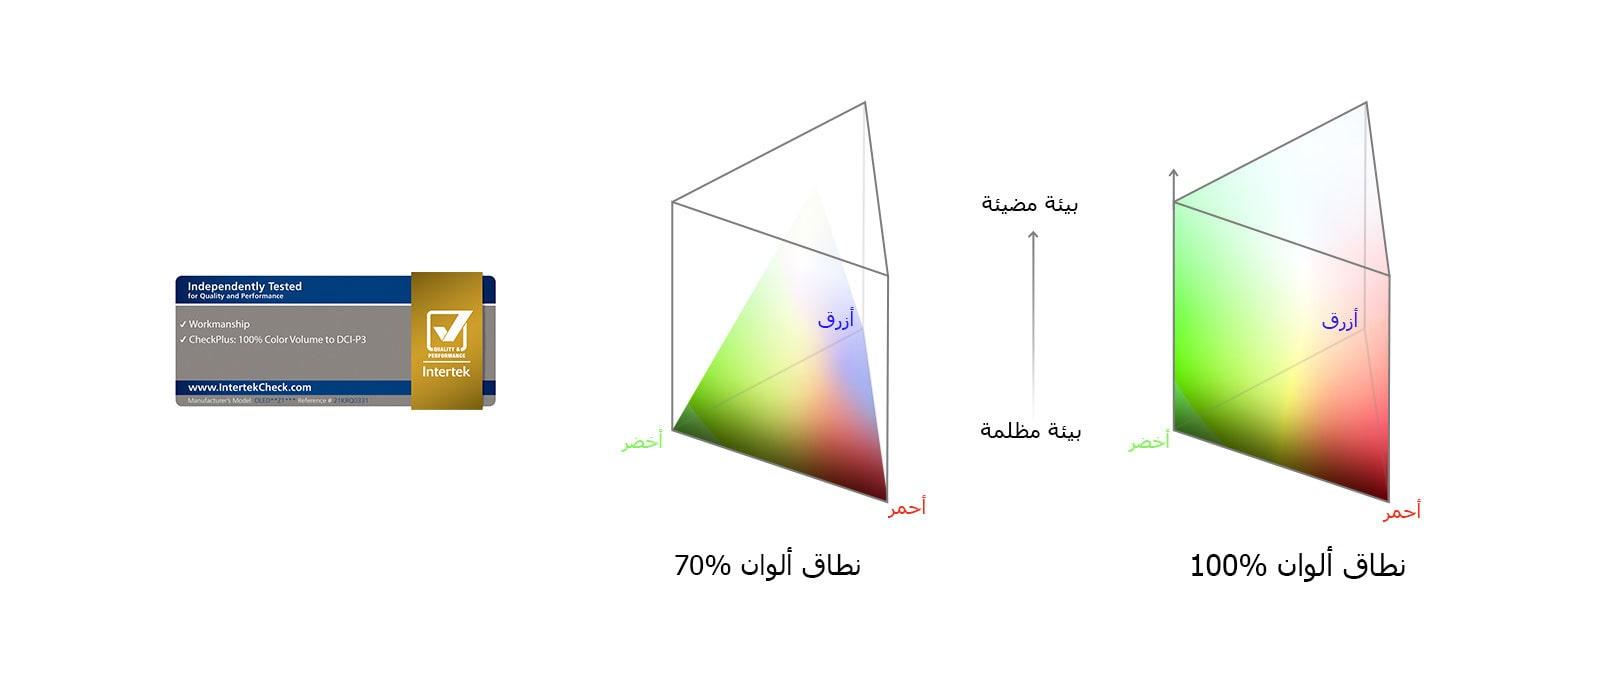 شعار نطاق الألوان 100% المعتمد من قبل انترتك. رسم بياني للمقارنة بين نطاق الألوان 70% ونطاق الألوان 100%.